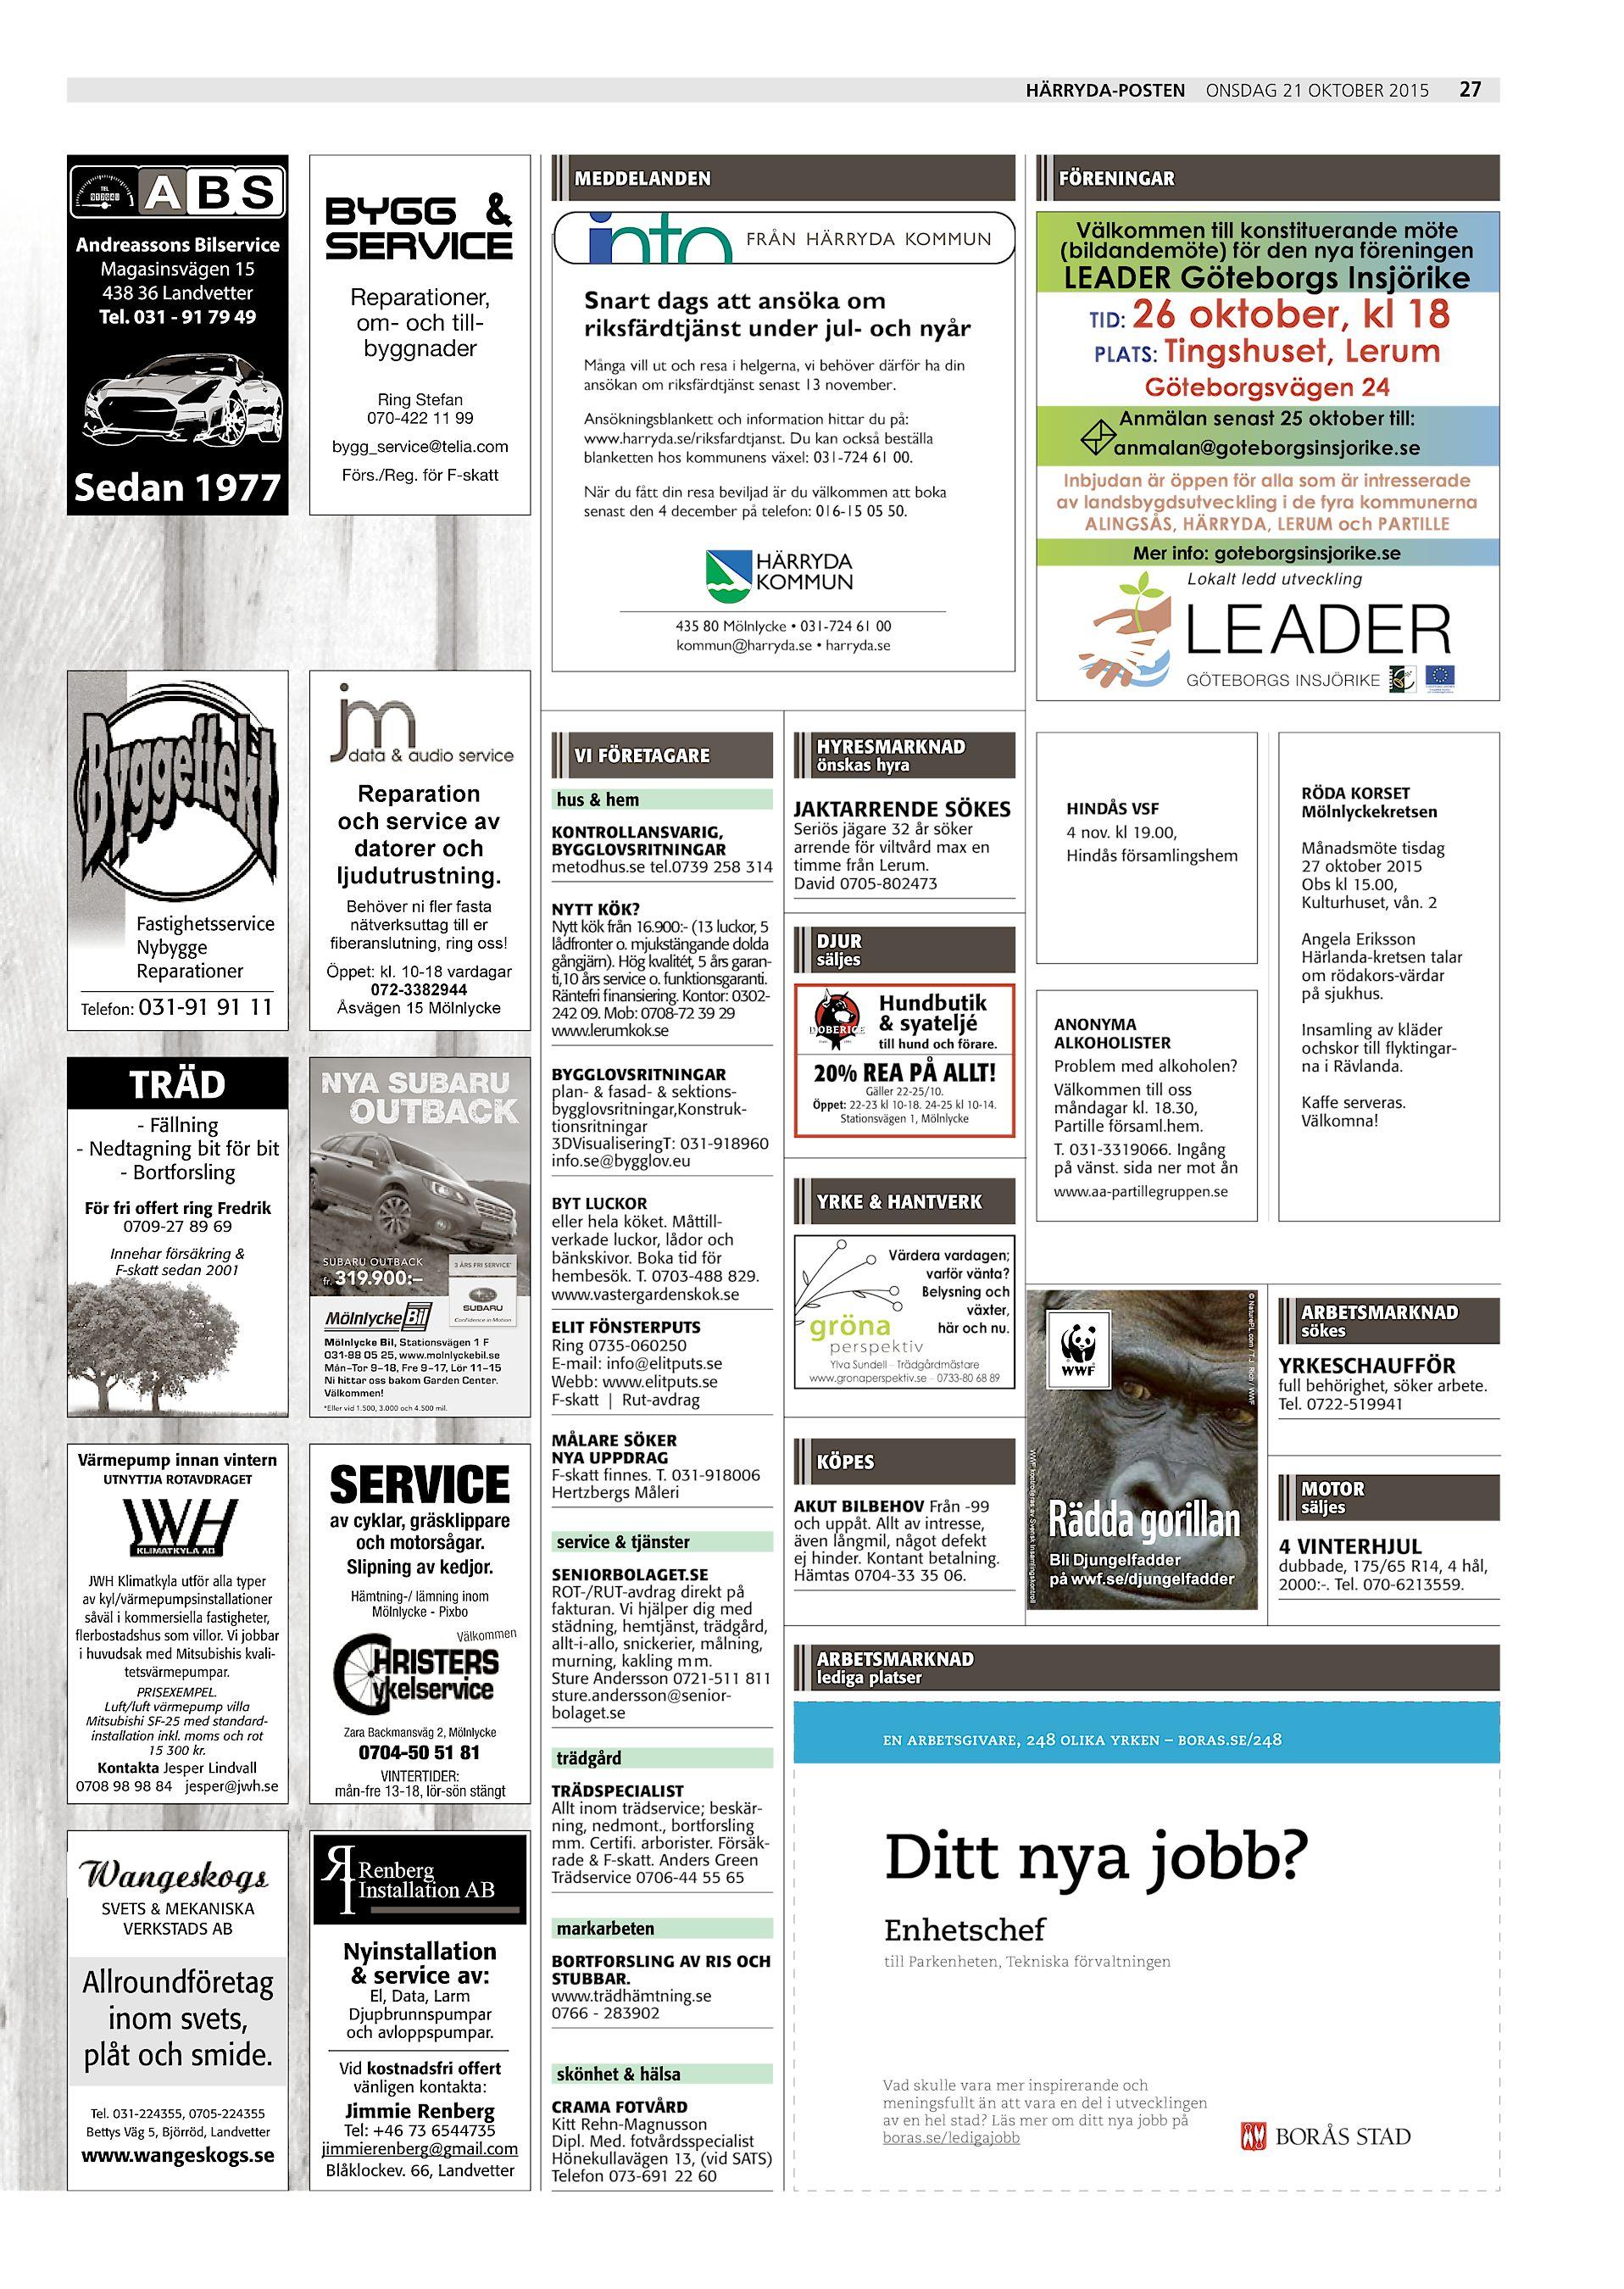 Härrydaposten   Partille Tidning HP-2015-10-21 (endast text) 77973da6a96cc